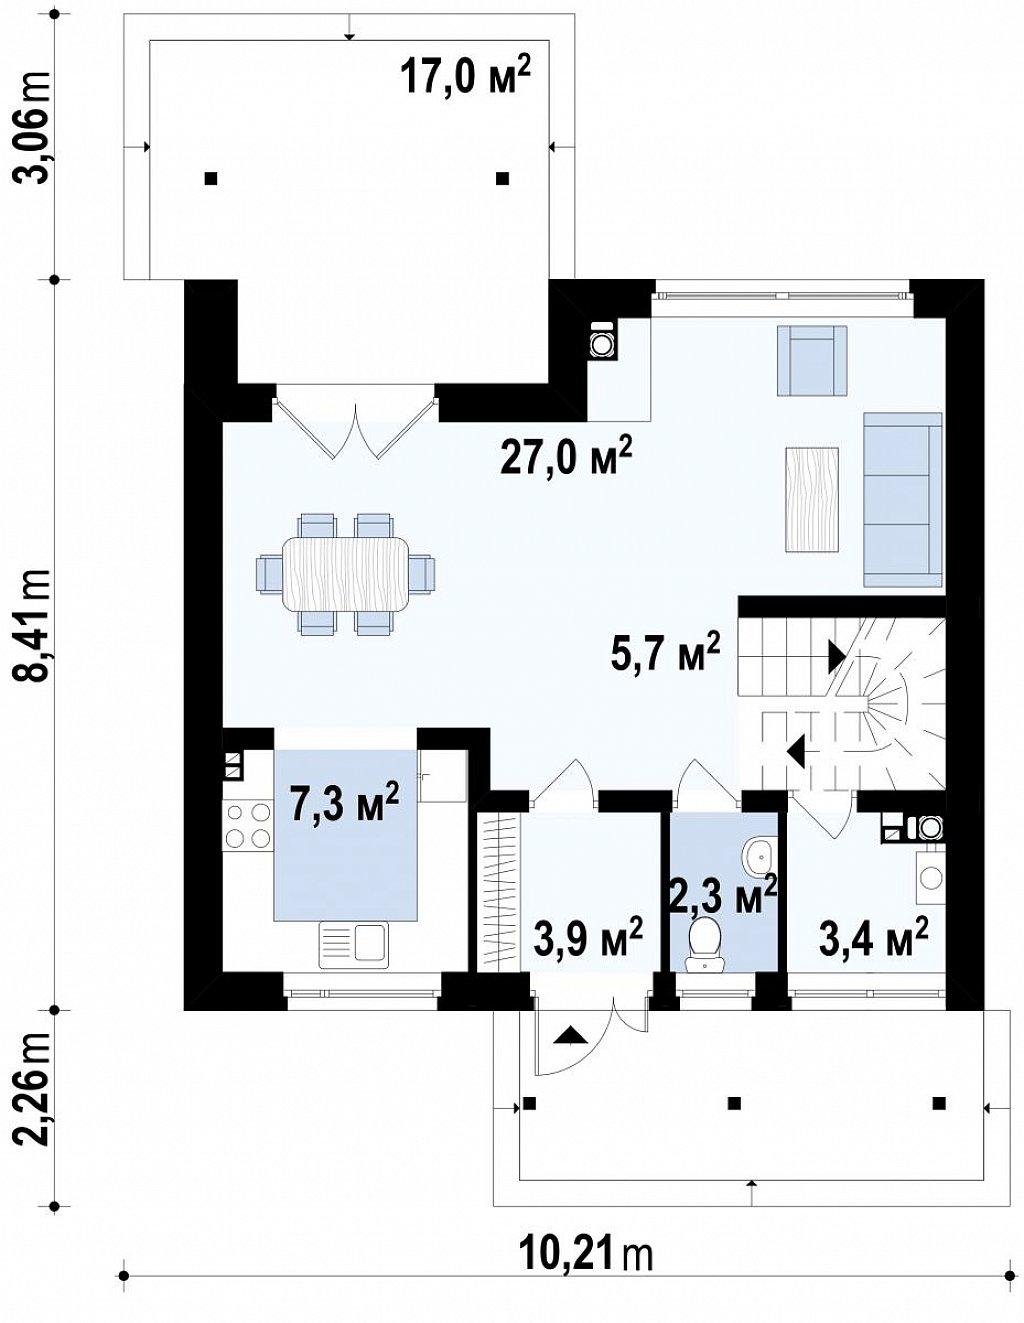 Проект небольшого практичного дома, выгодного в строительстве и эксплуатации. план помещений 1